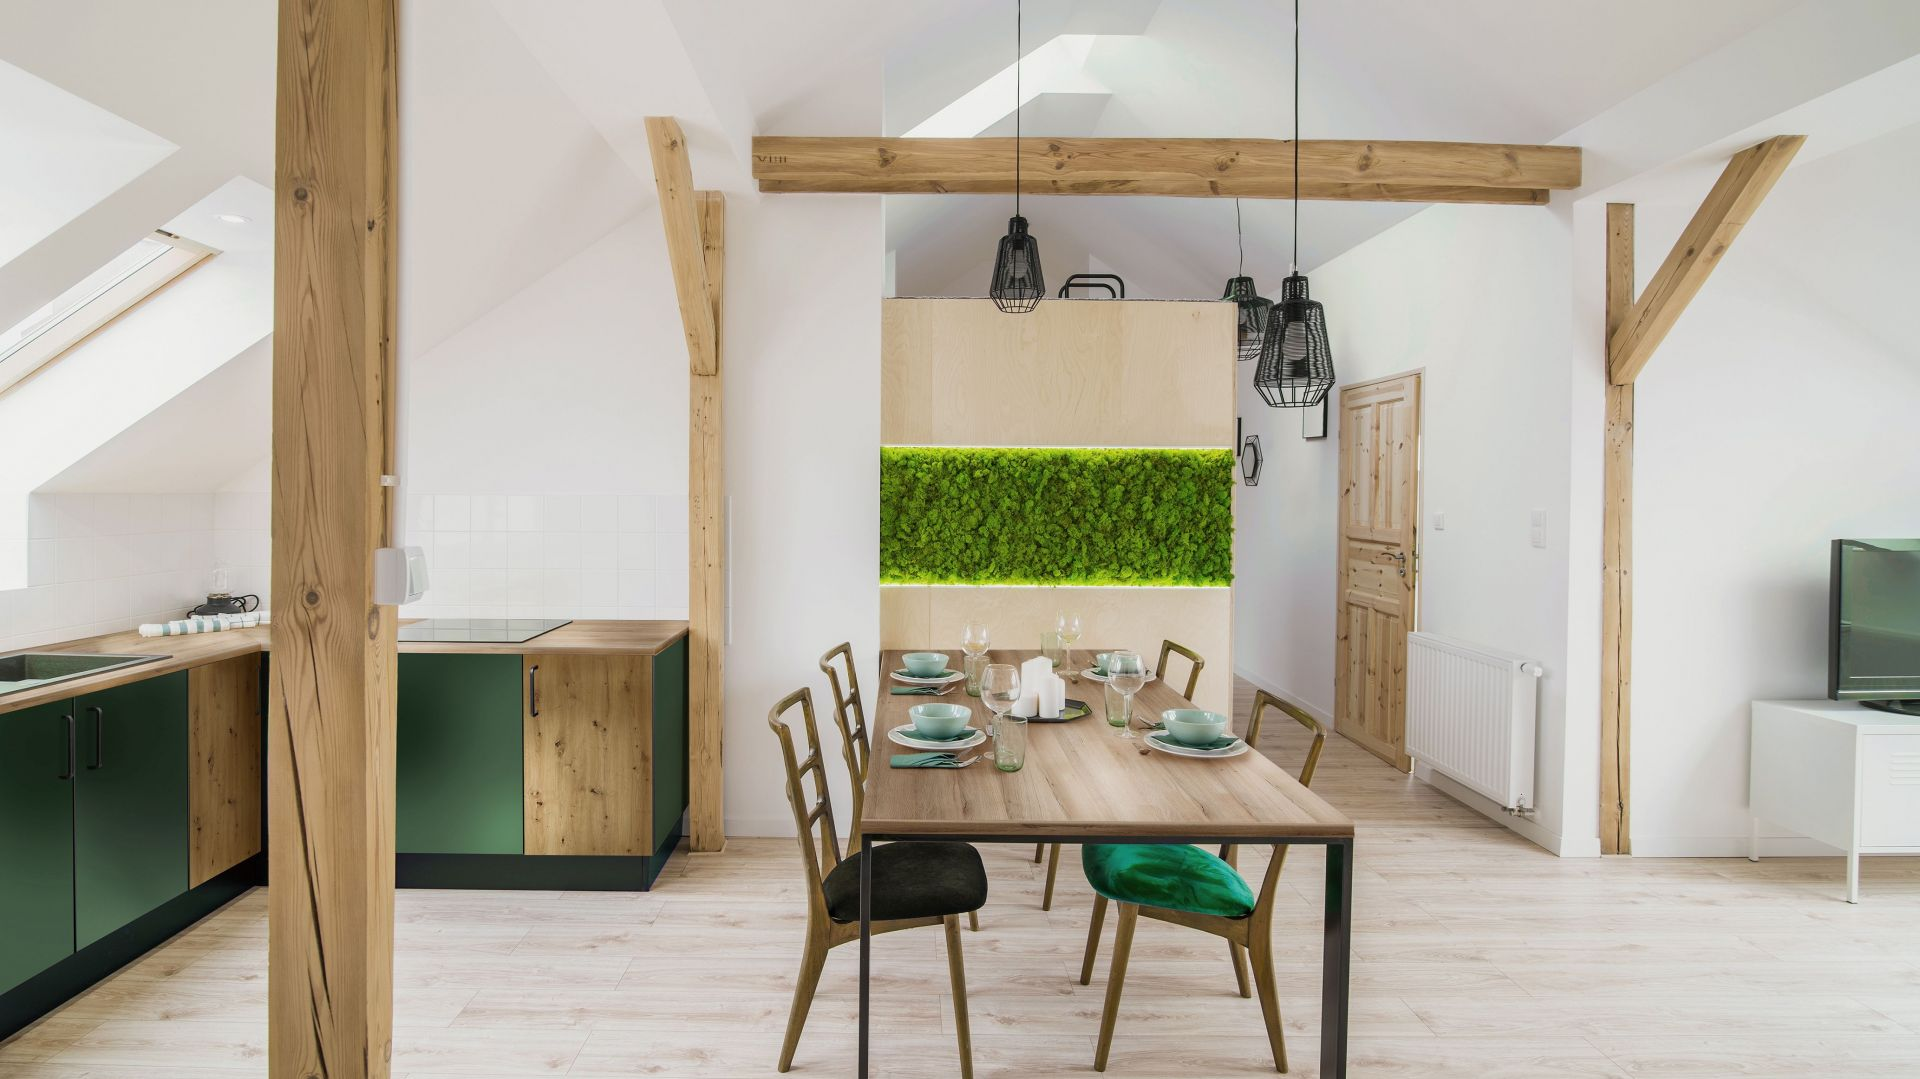 W wiosennej kuchni można znaleźć blat kuchenny dąb Lorenzo, który doskonale komponuje się z szafkami w dekorze Dąd Artisan i Labrador. Fot. materiały prasowe Pfleiderer